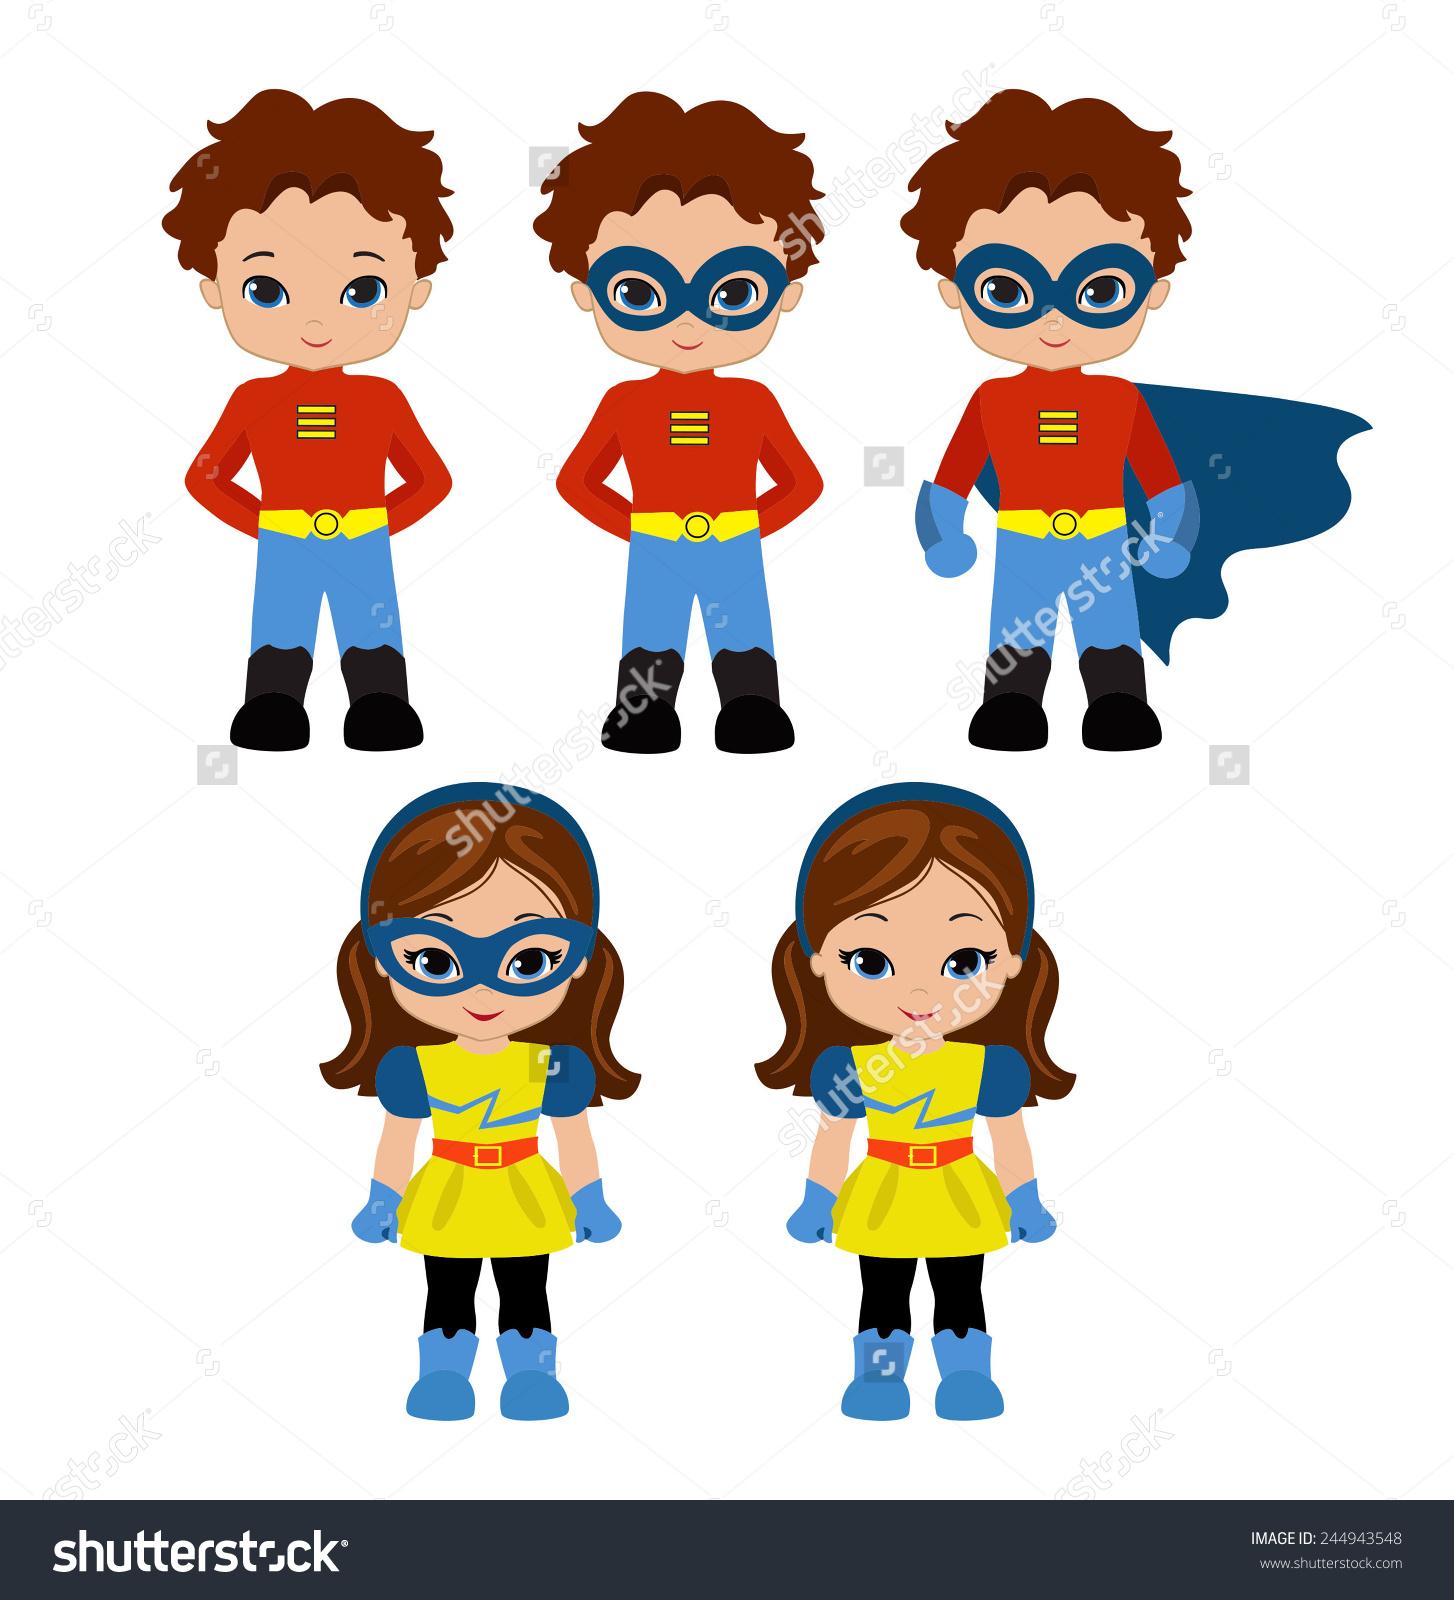 Superhero boy and girl clipart 1 color clip art black and white stock Superhero boy and girl clipart 1 color - ClipartFest clip art black and white stock